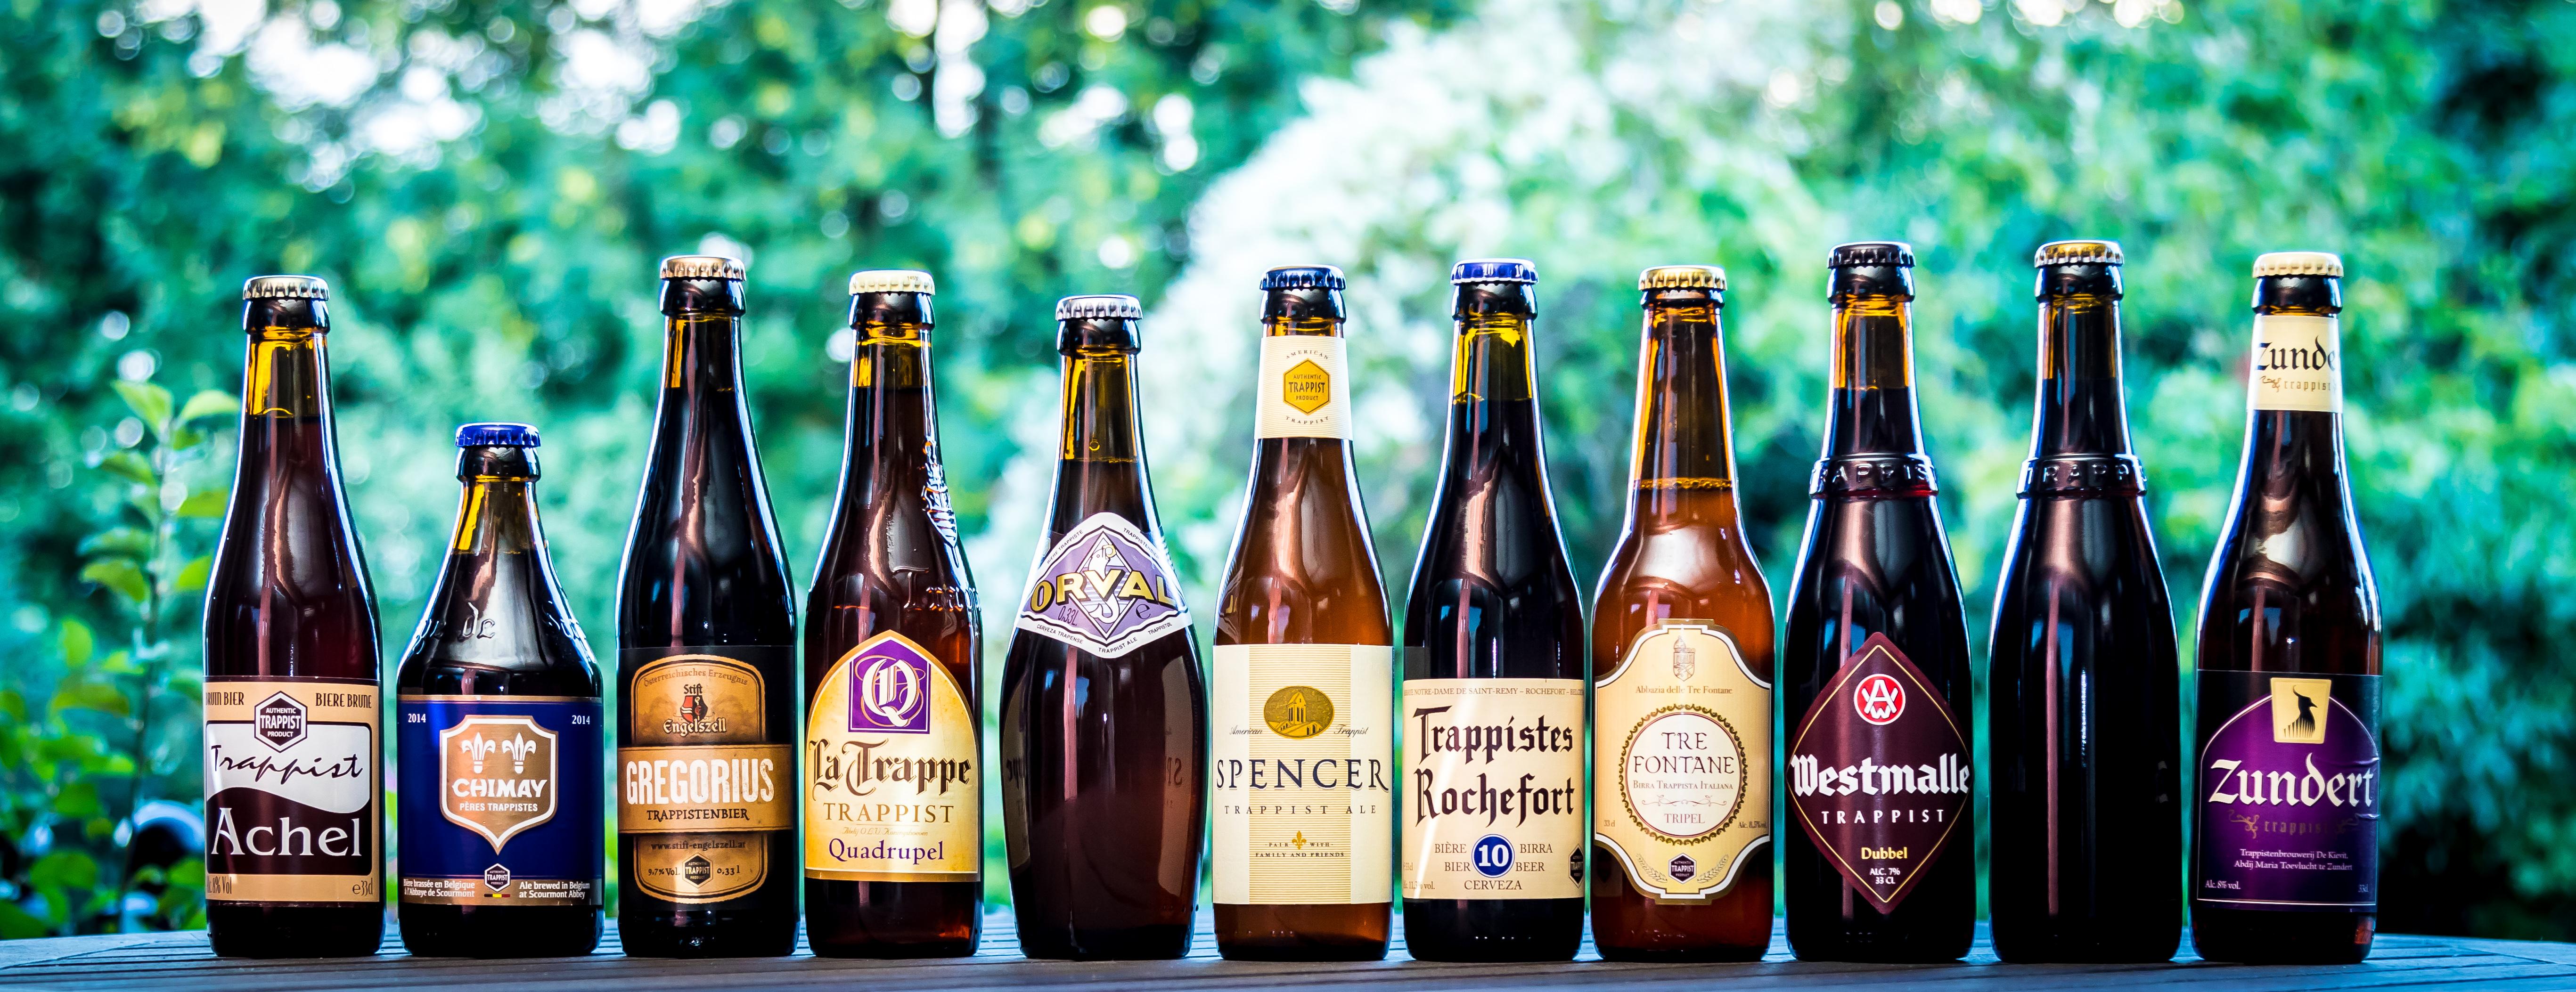 Trapistické pivo: nápoj mlčenlivých mnichů